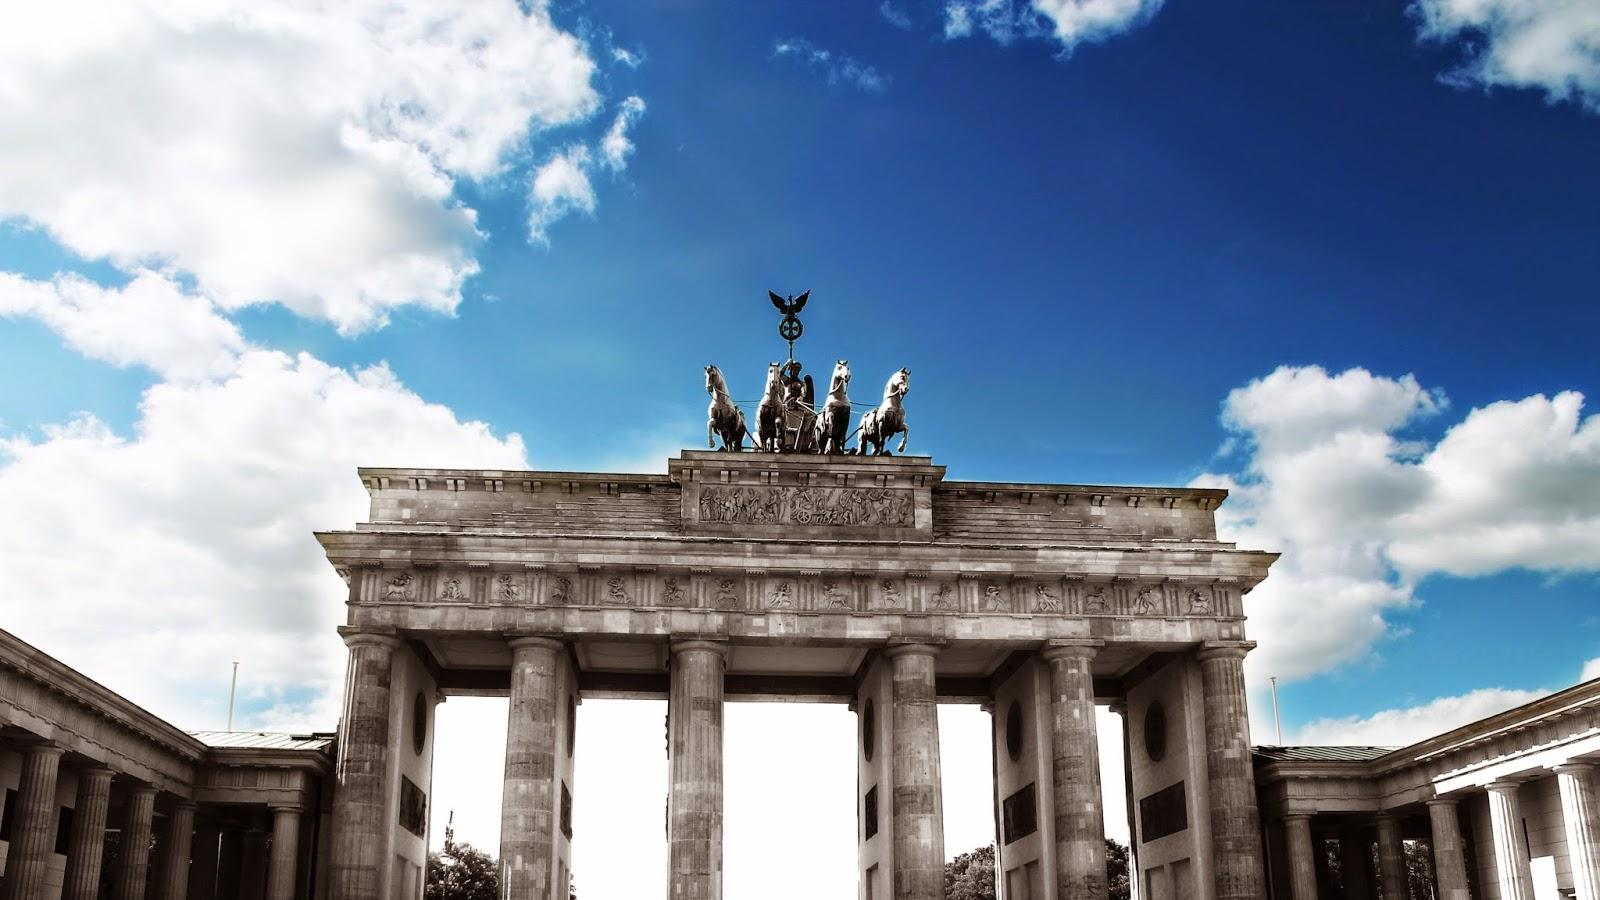 Torre de Brandeburgo en Berlín